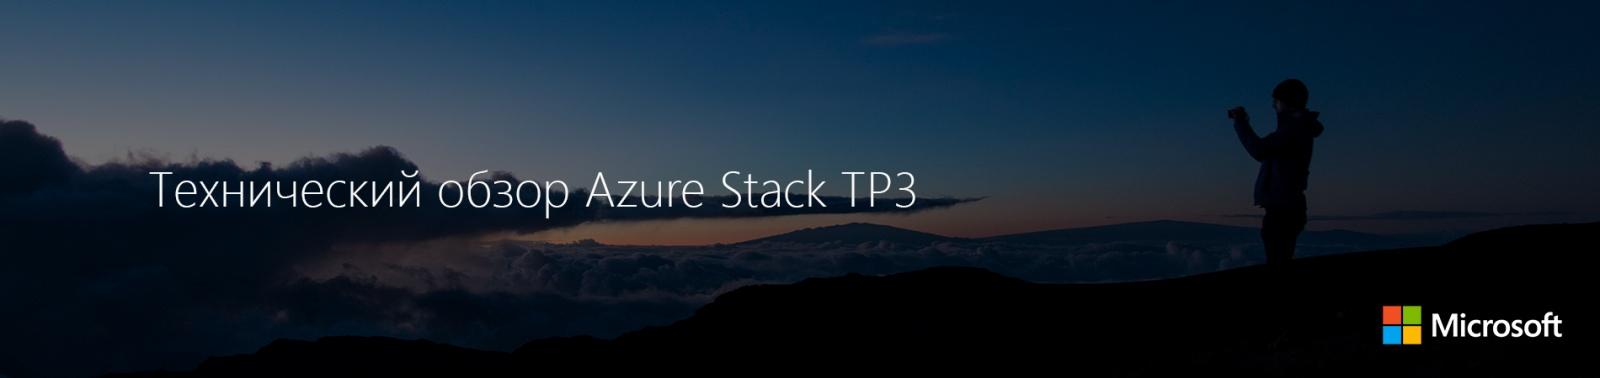 Подключайтесь к вебинару: «Технический обзор Azure Stack TP3». Начало 27 апреля в 11:00 (МСК) - 1